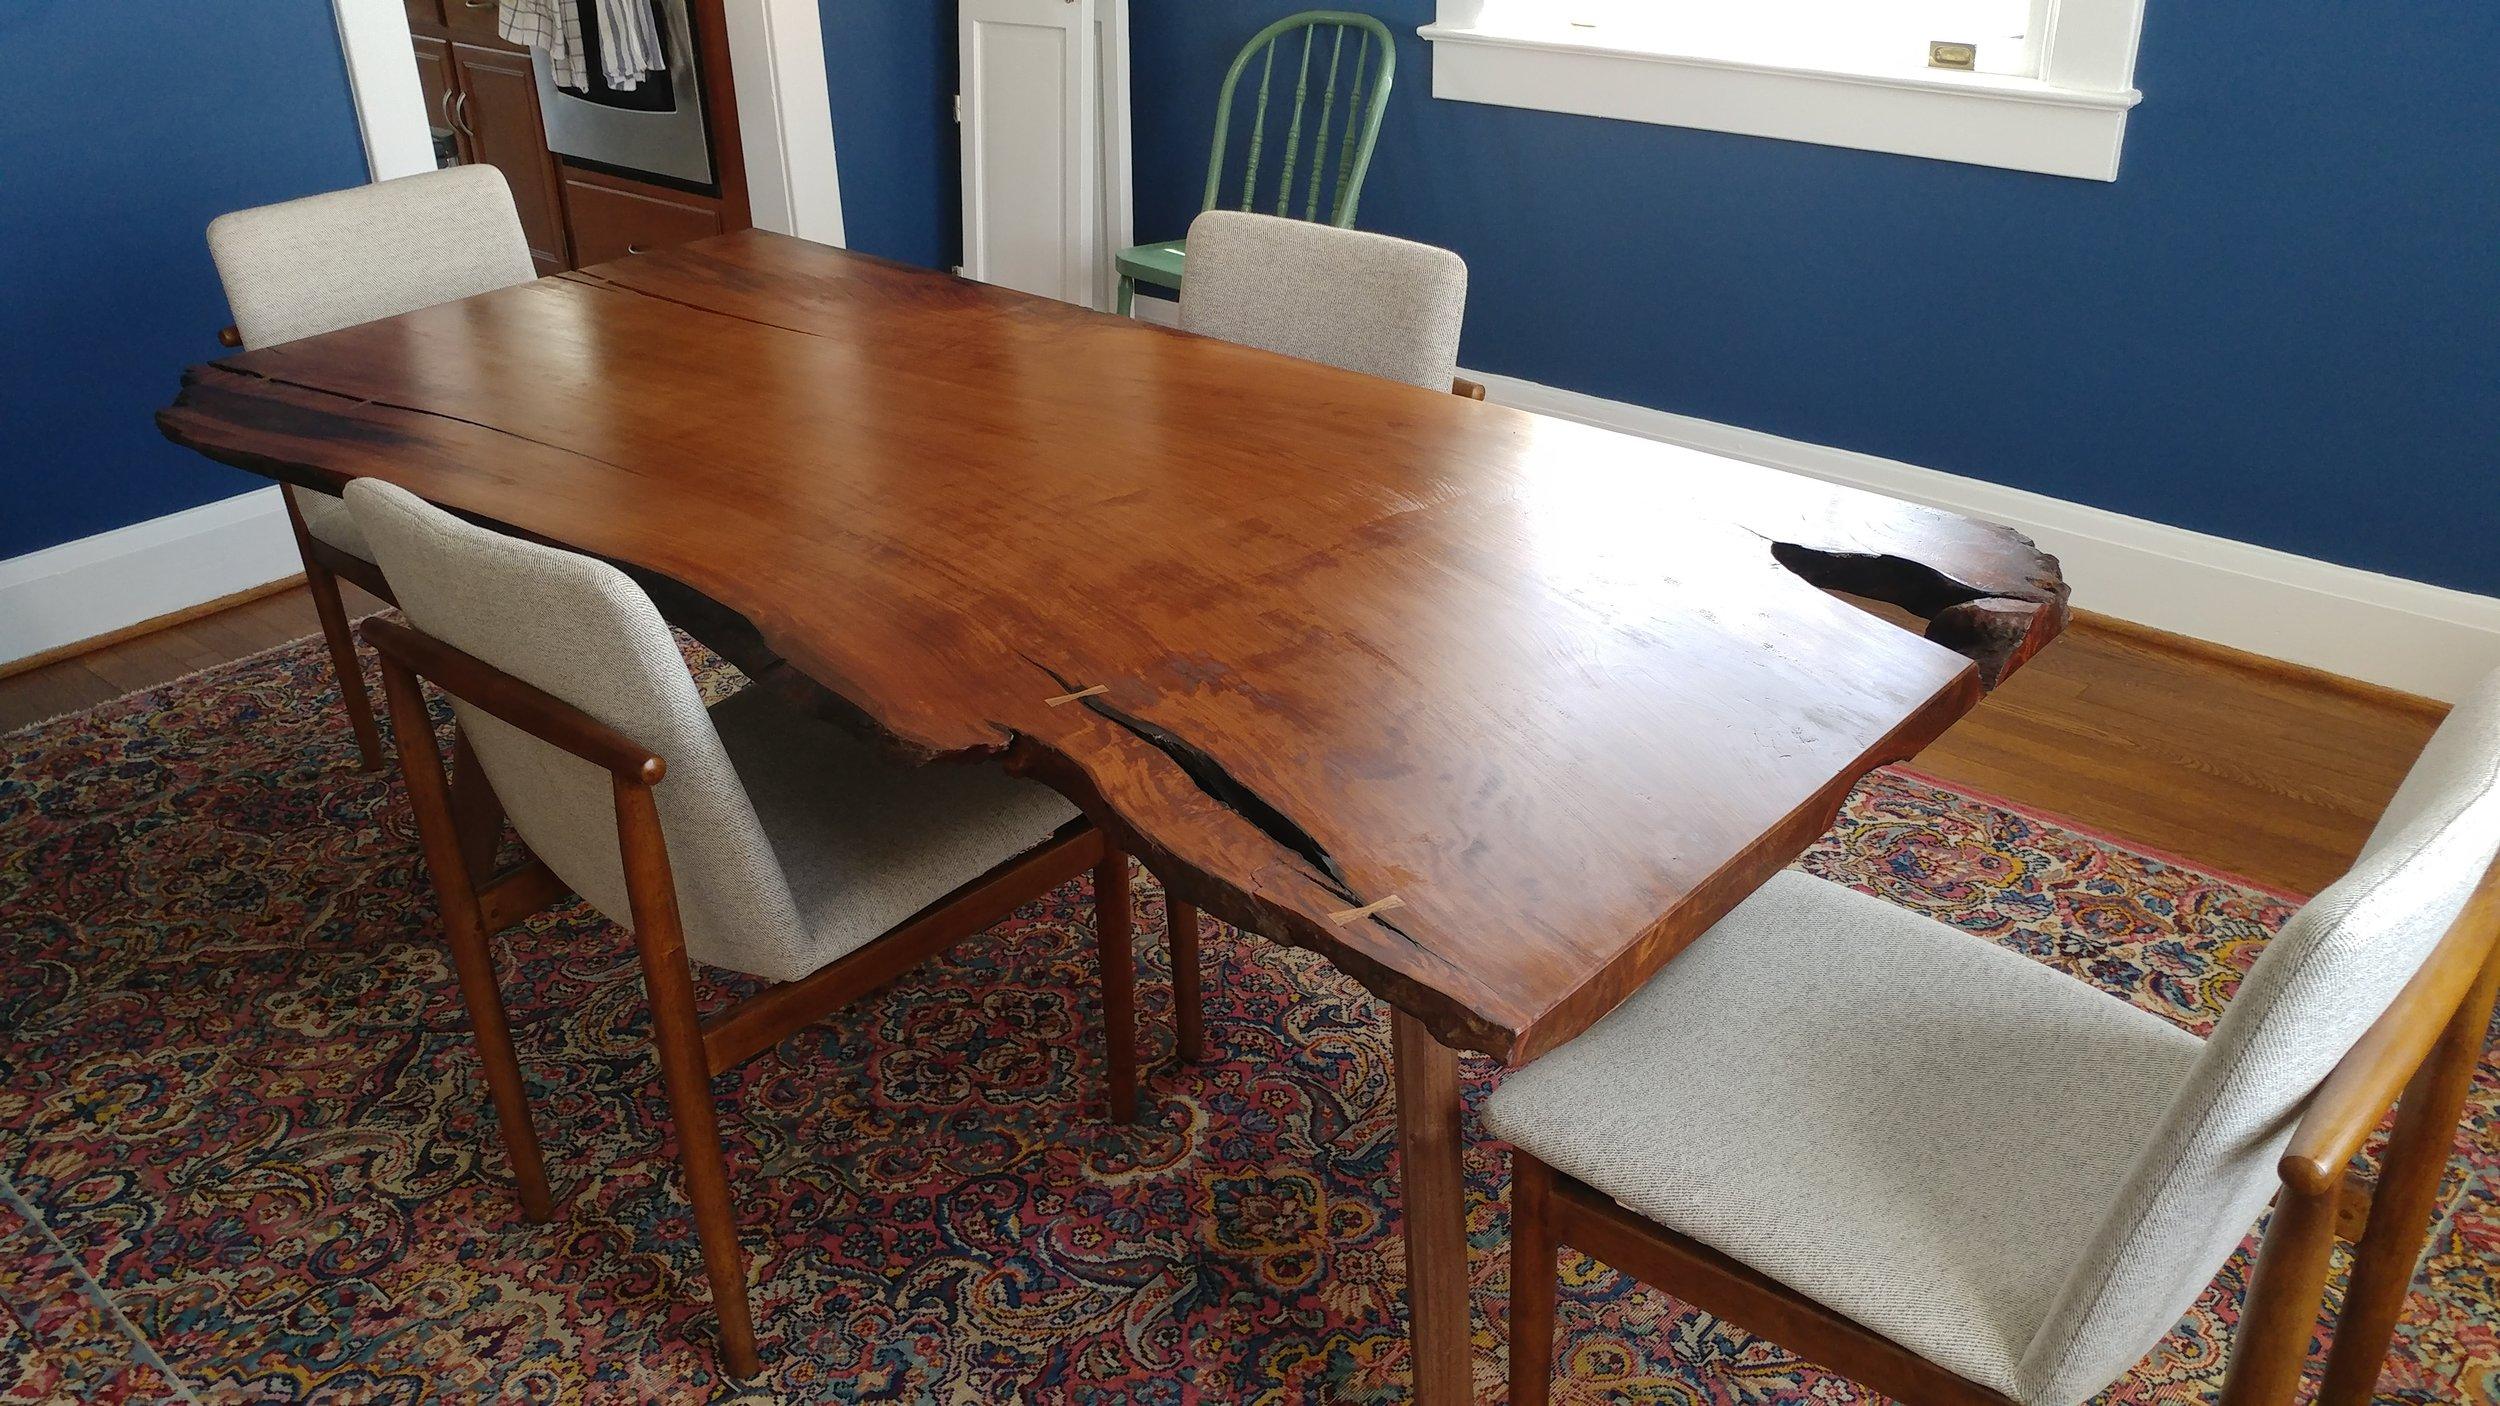 live-edge-redwood-slab-dining-table-delivered.jpg